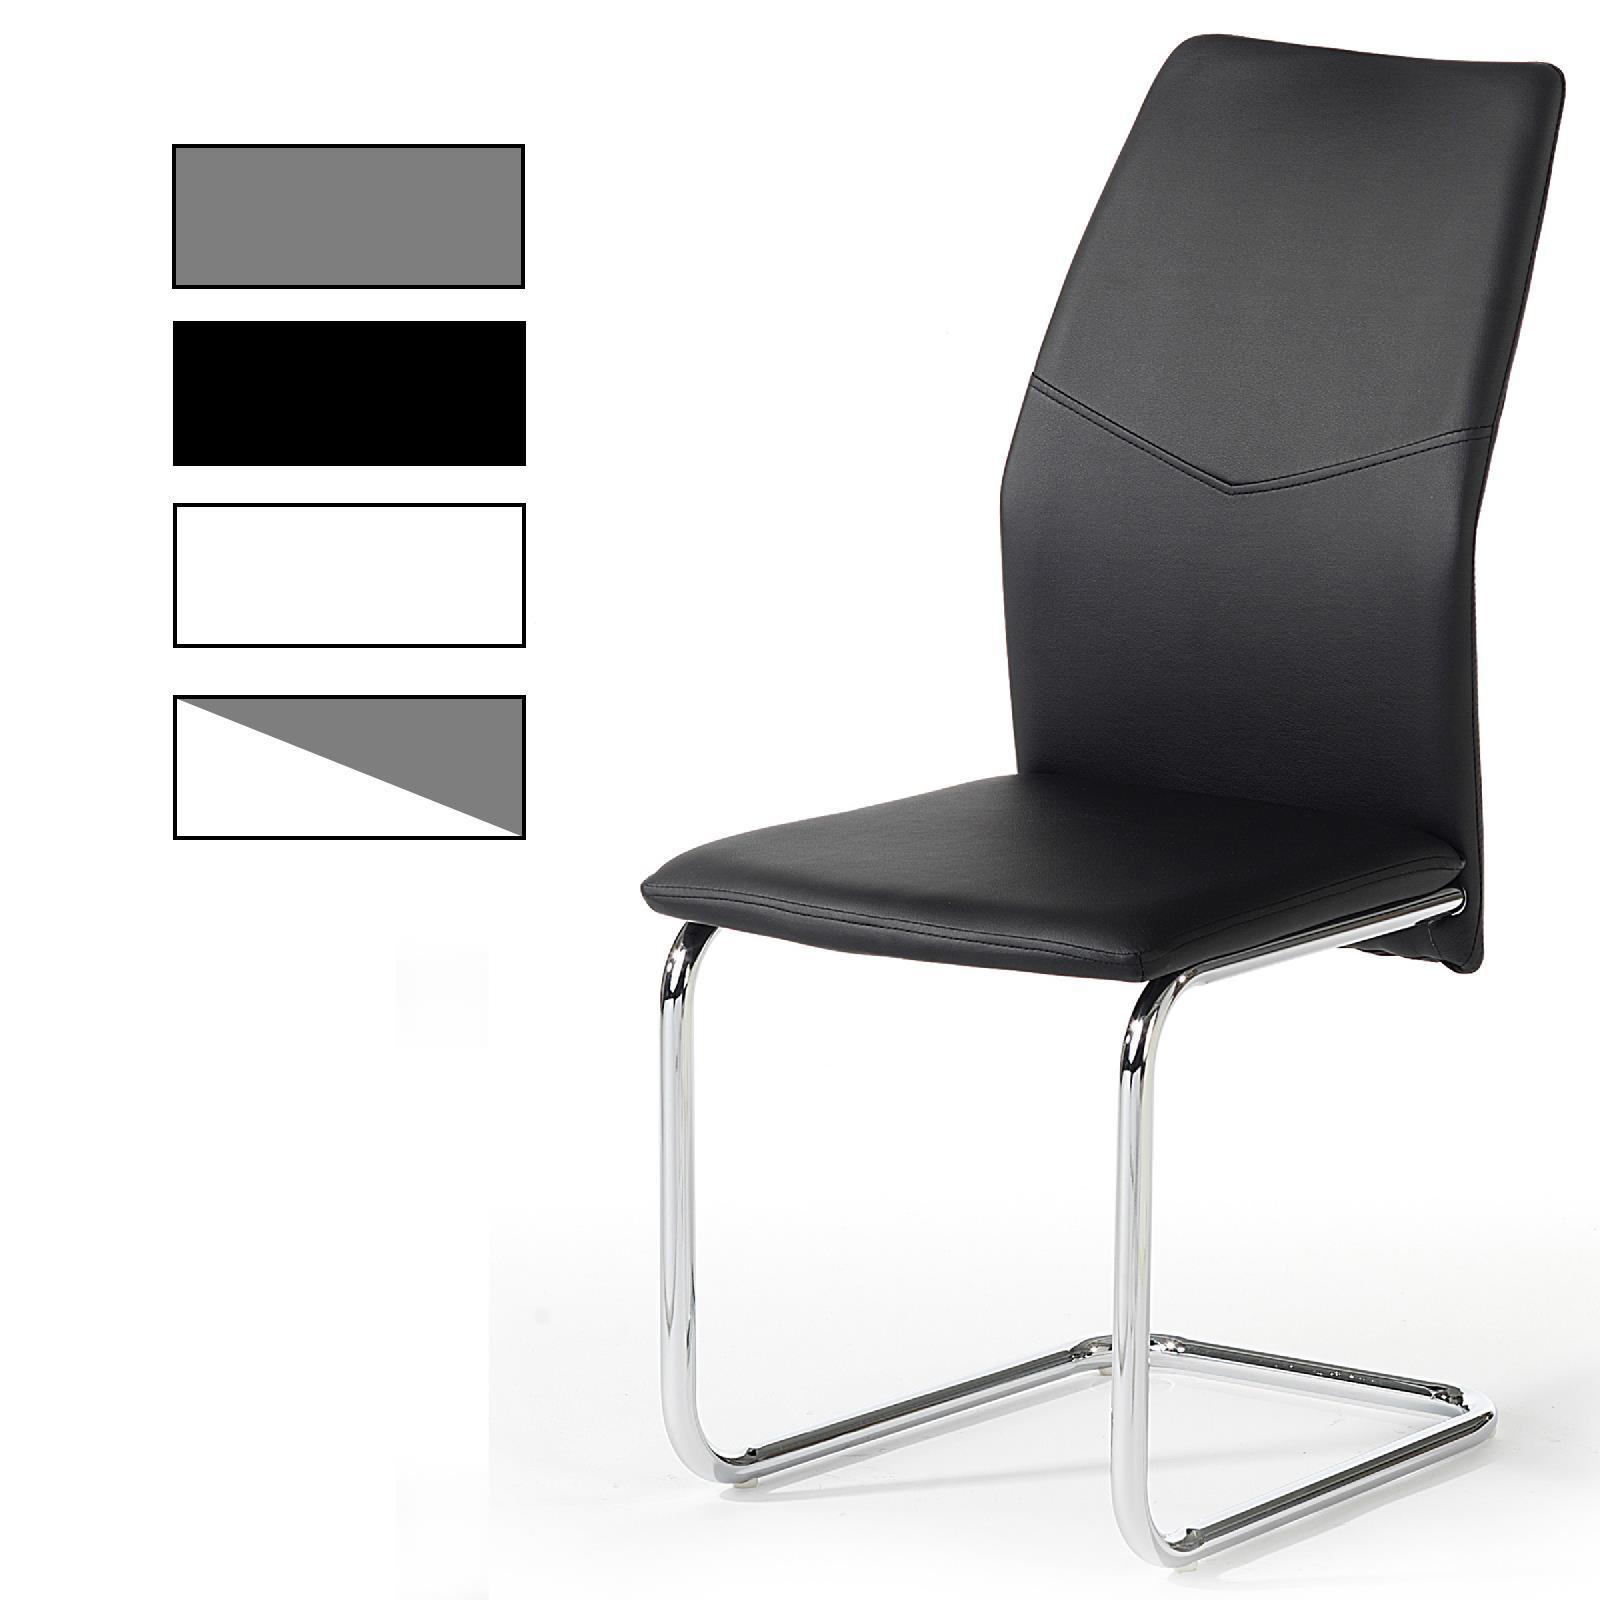 4er set schwingstuhl ella in 4 farben caro m bel. Black Bedroom Furniture Sets. Home Design Ideas